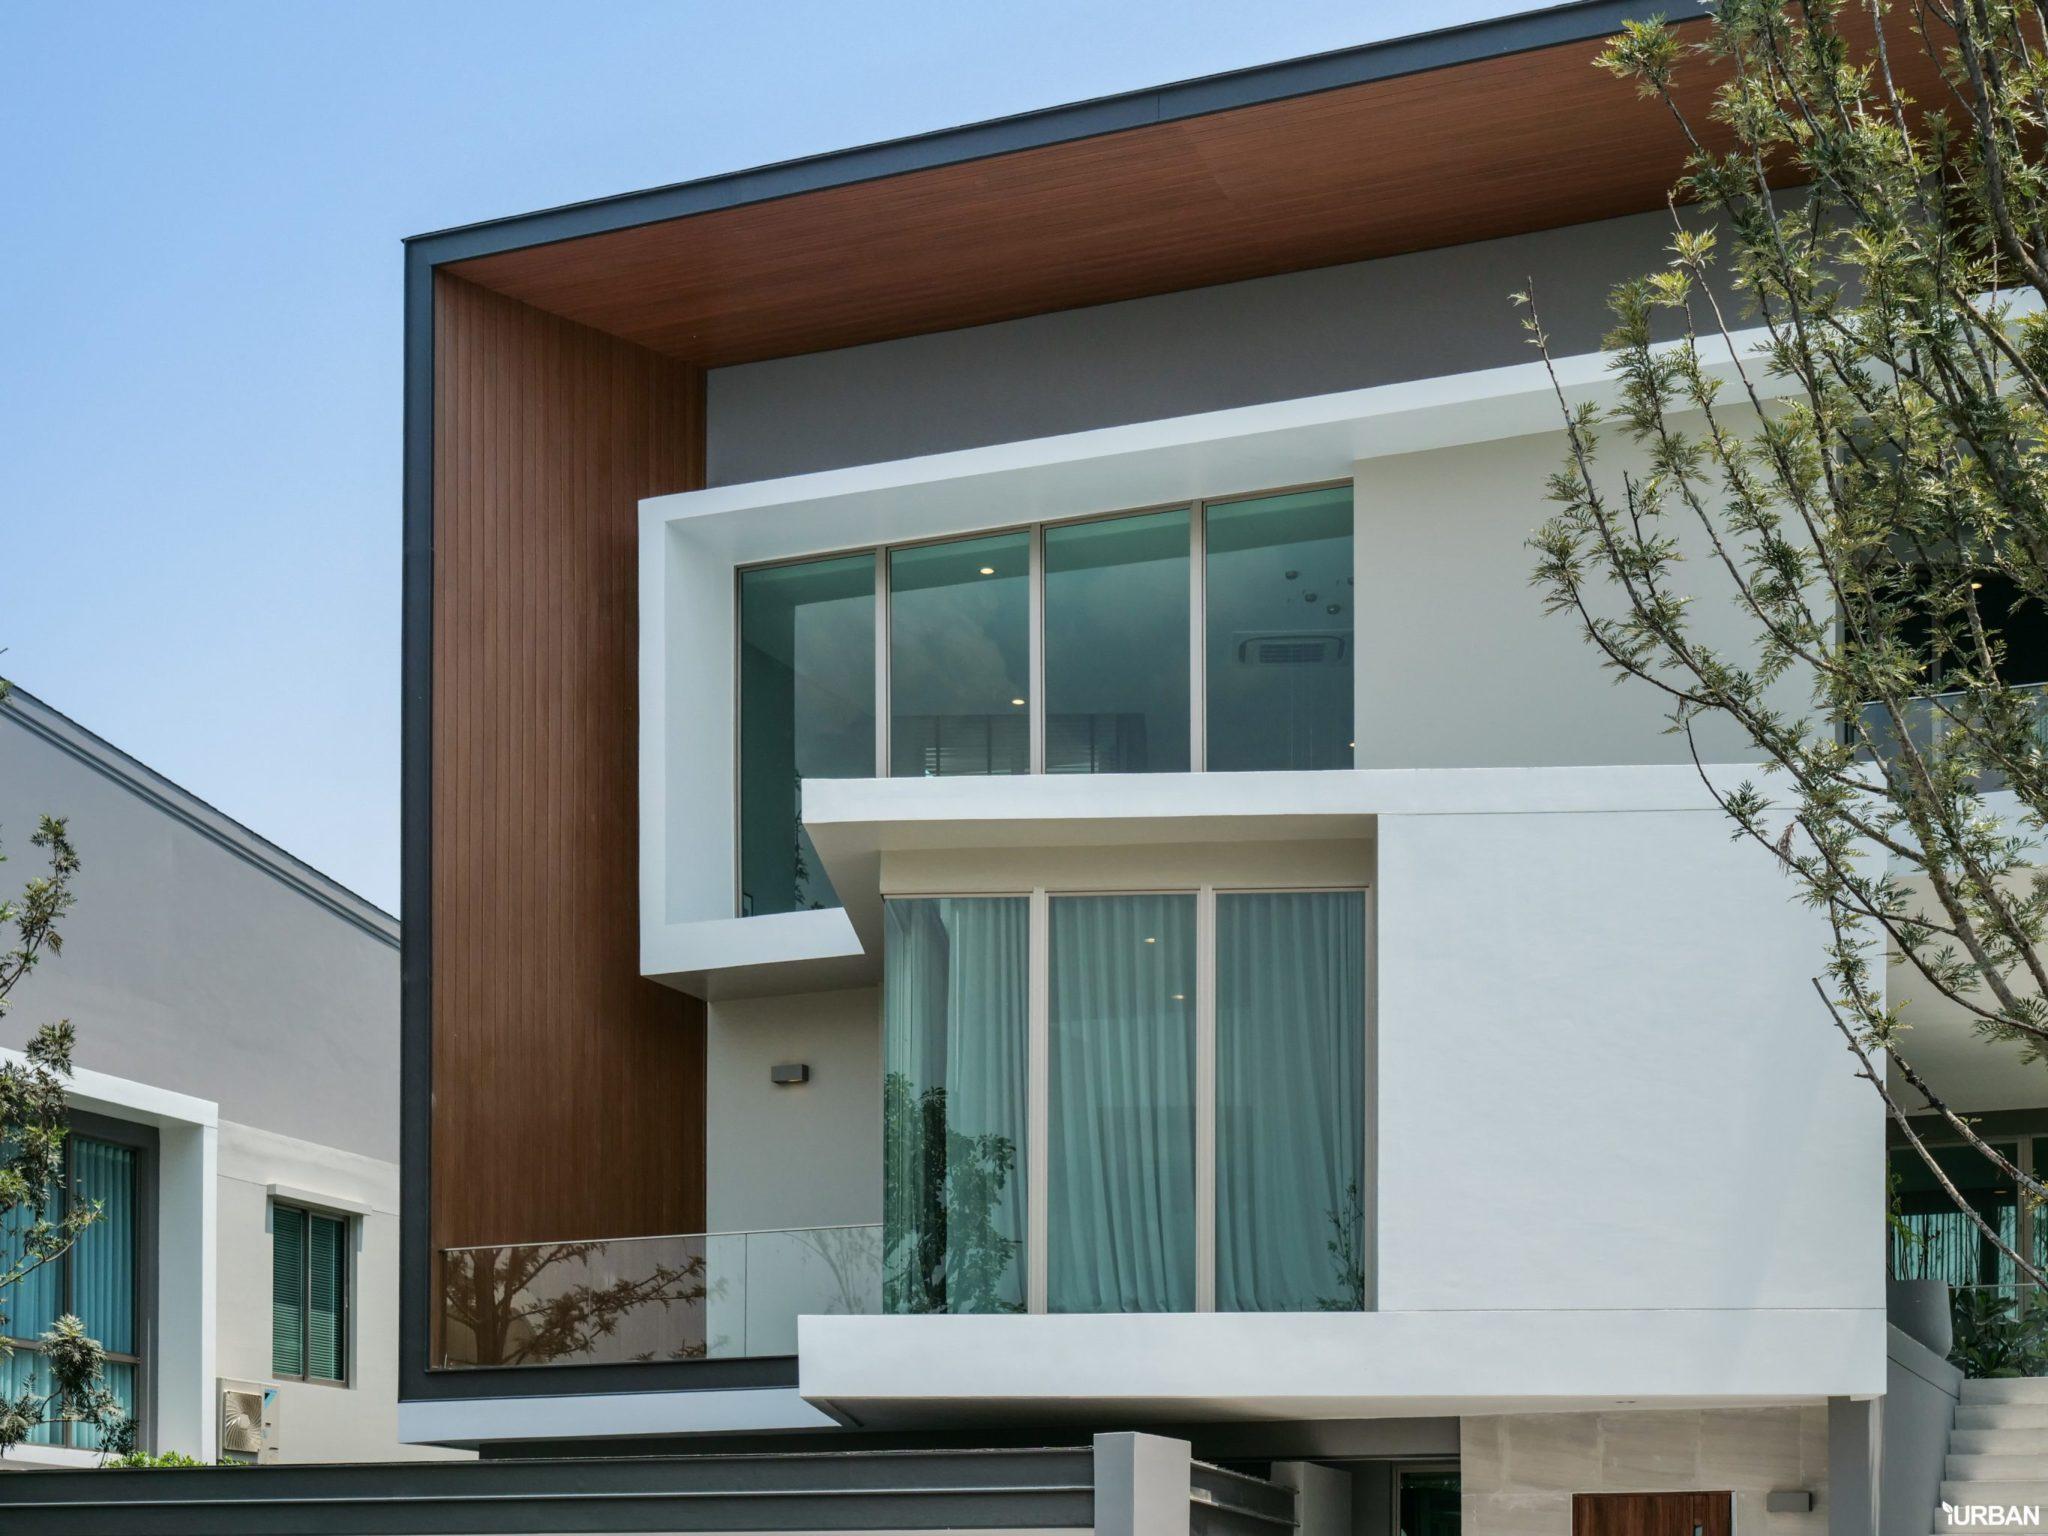 """""""เนอวานา ไดอิ"""" ปฏิวัติรูปแบบการอยู่อาศัย พร้อมเปิดโครงการ """"เนอวานา บียอนด์ พระราม 9-กรุงเทพกรีฑา"""" บ้านต้นแบบแนวคิดใหม่ 23 -"""